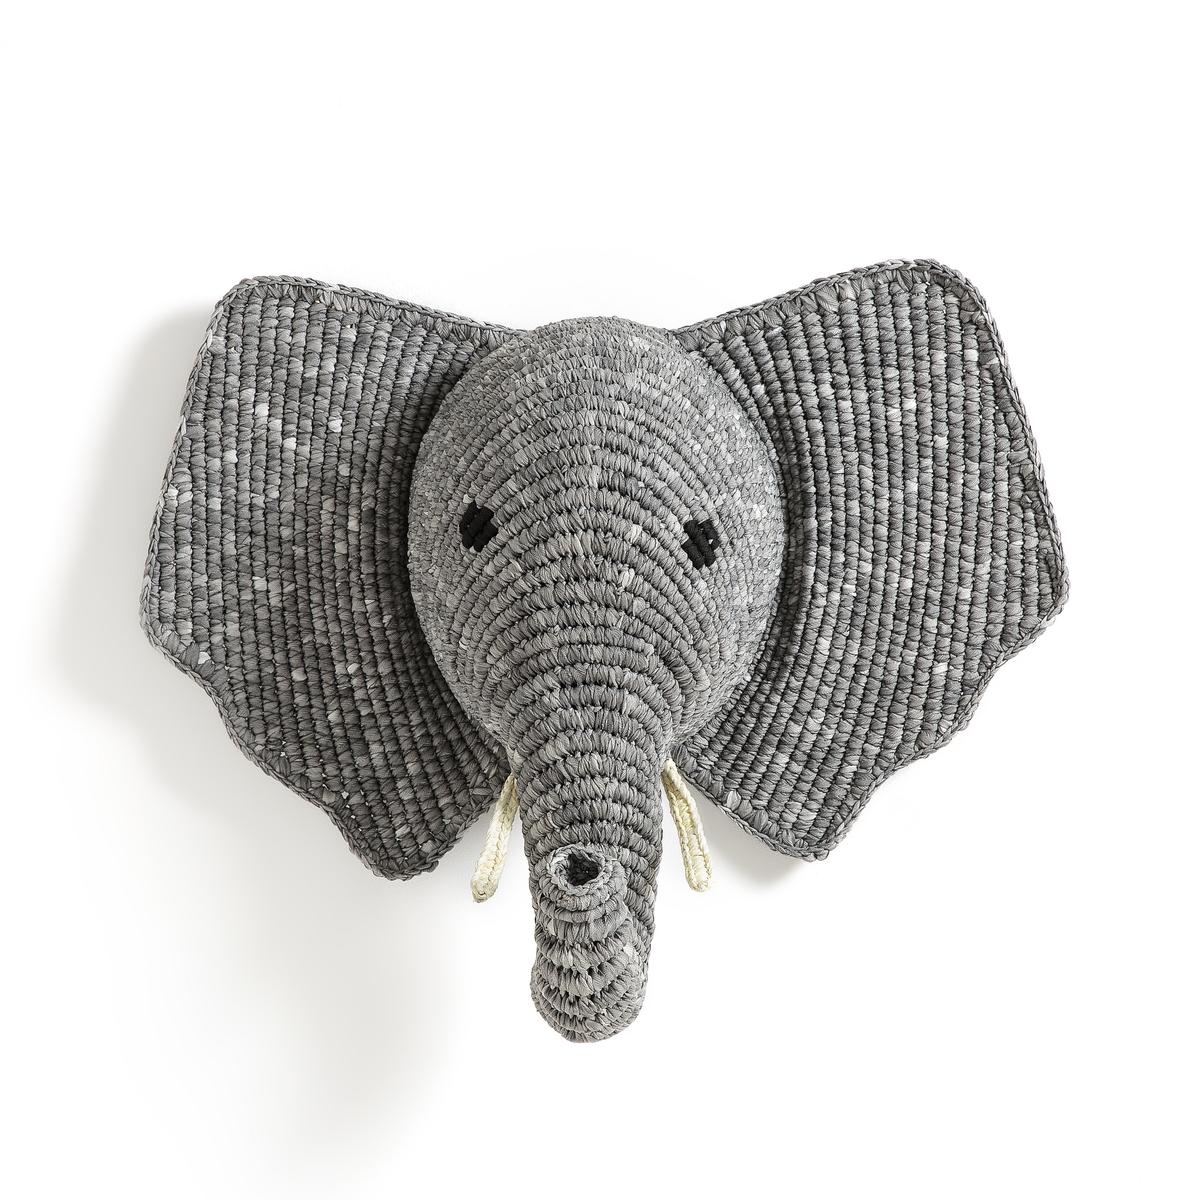 Голова La Redoute Слона настенное украшение Lapilli единый размер серый